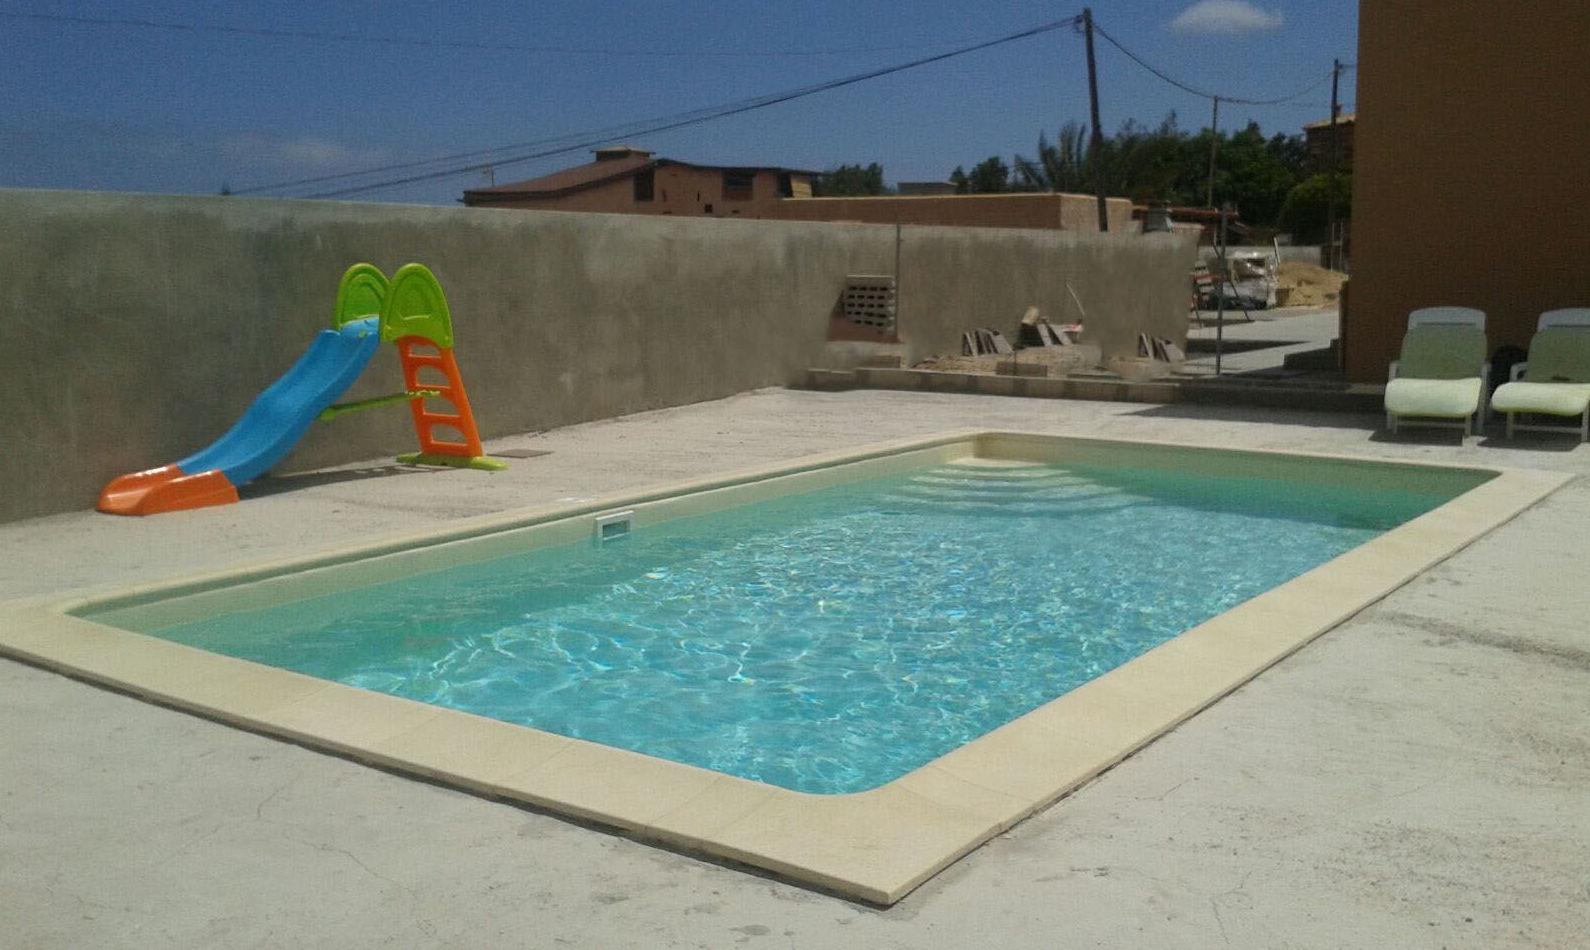 Construcci n e impermeabilizaci n de piscinas y jacuzzis - Piscinas y jacuzzis ...